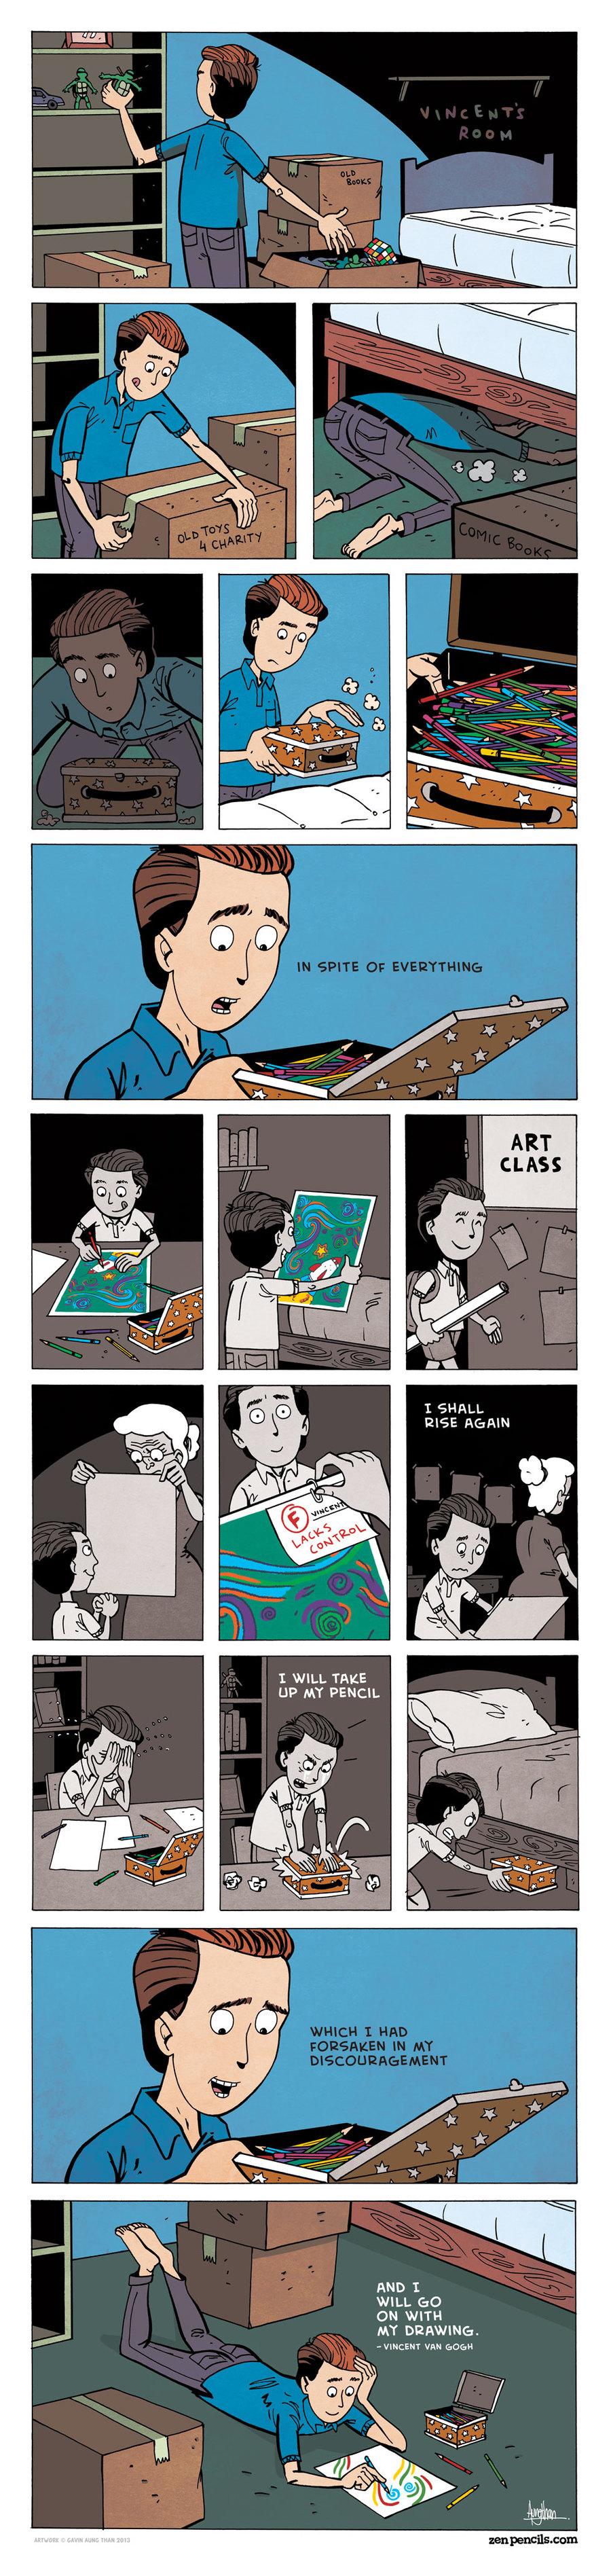 Zen Pencils Comic Strip for May 30, 2016